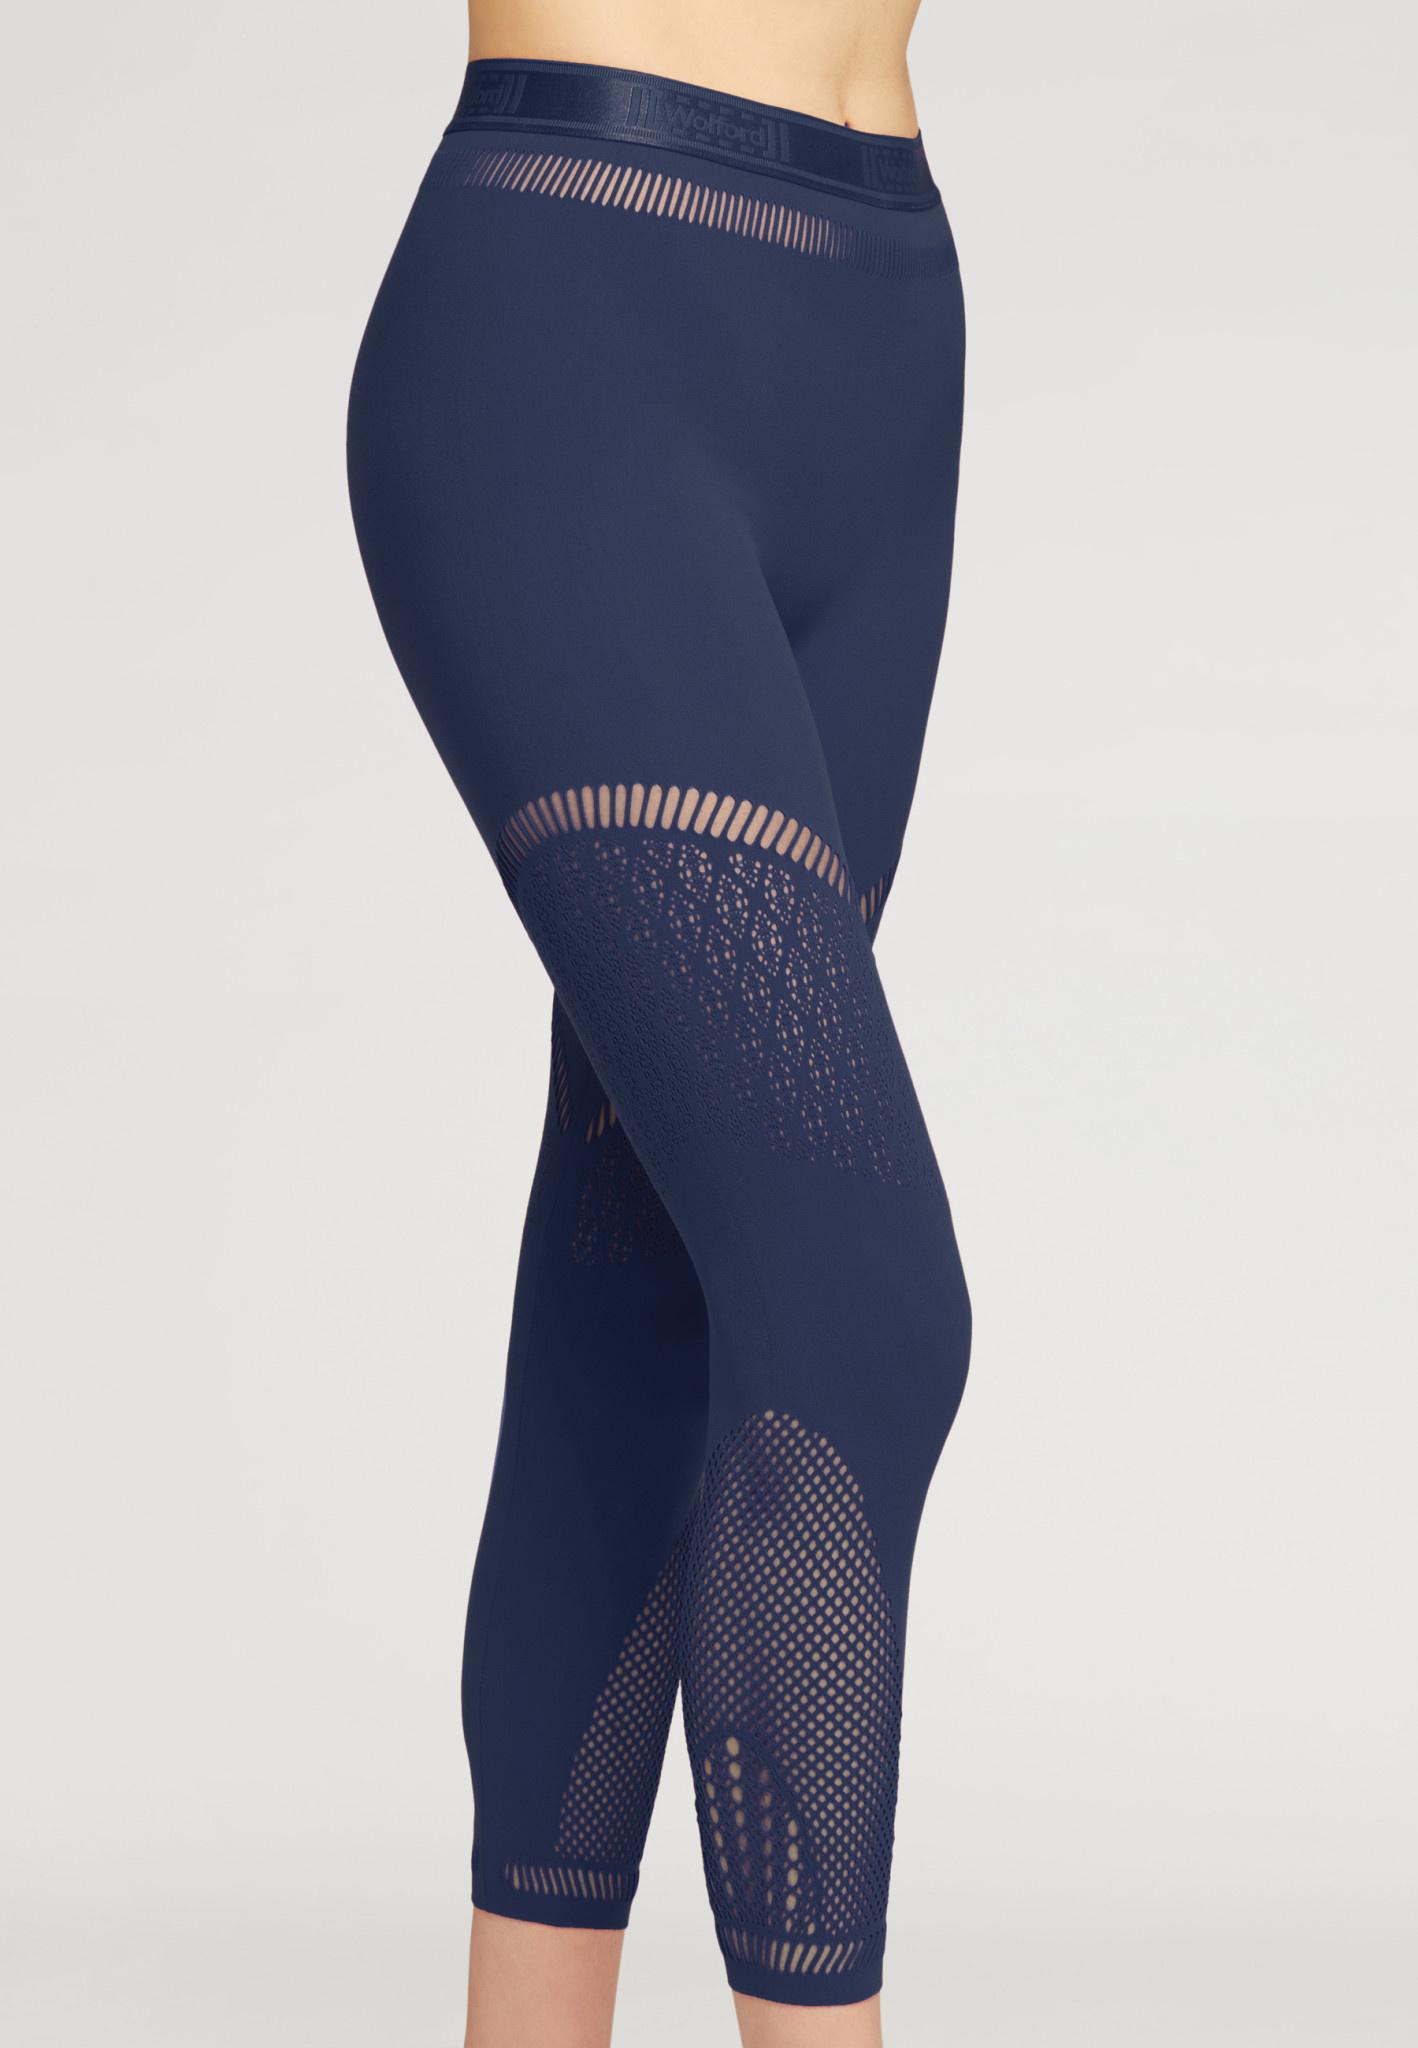 WOLFORD 19331 Shuri 7/8 Leggings